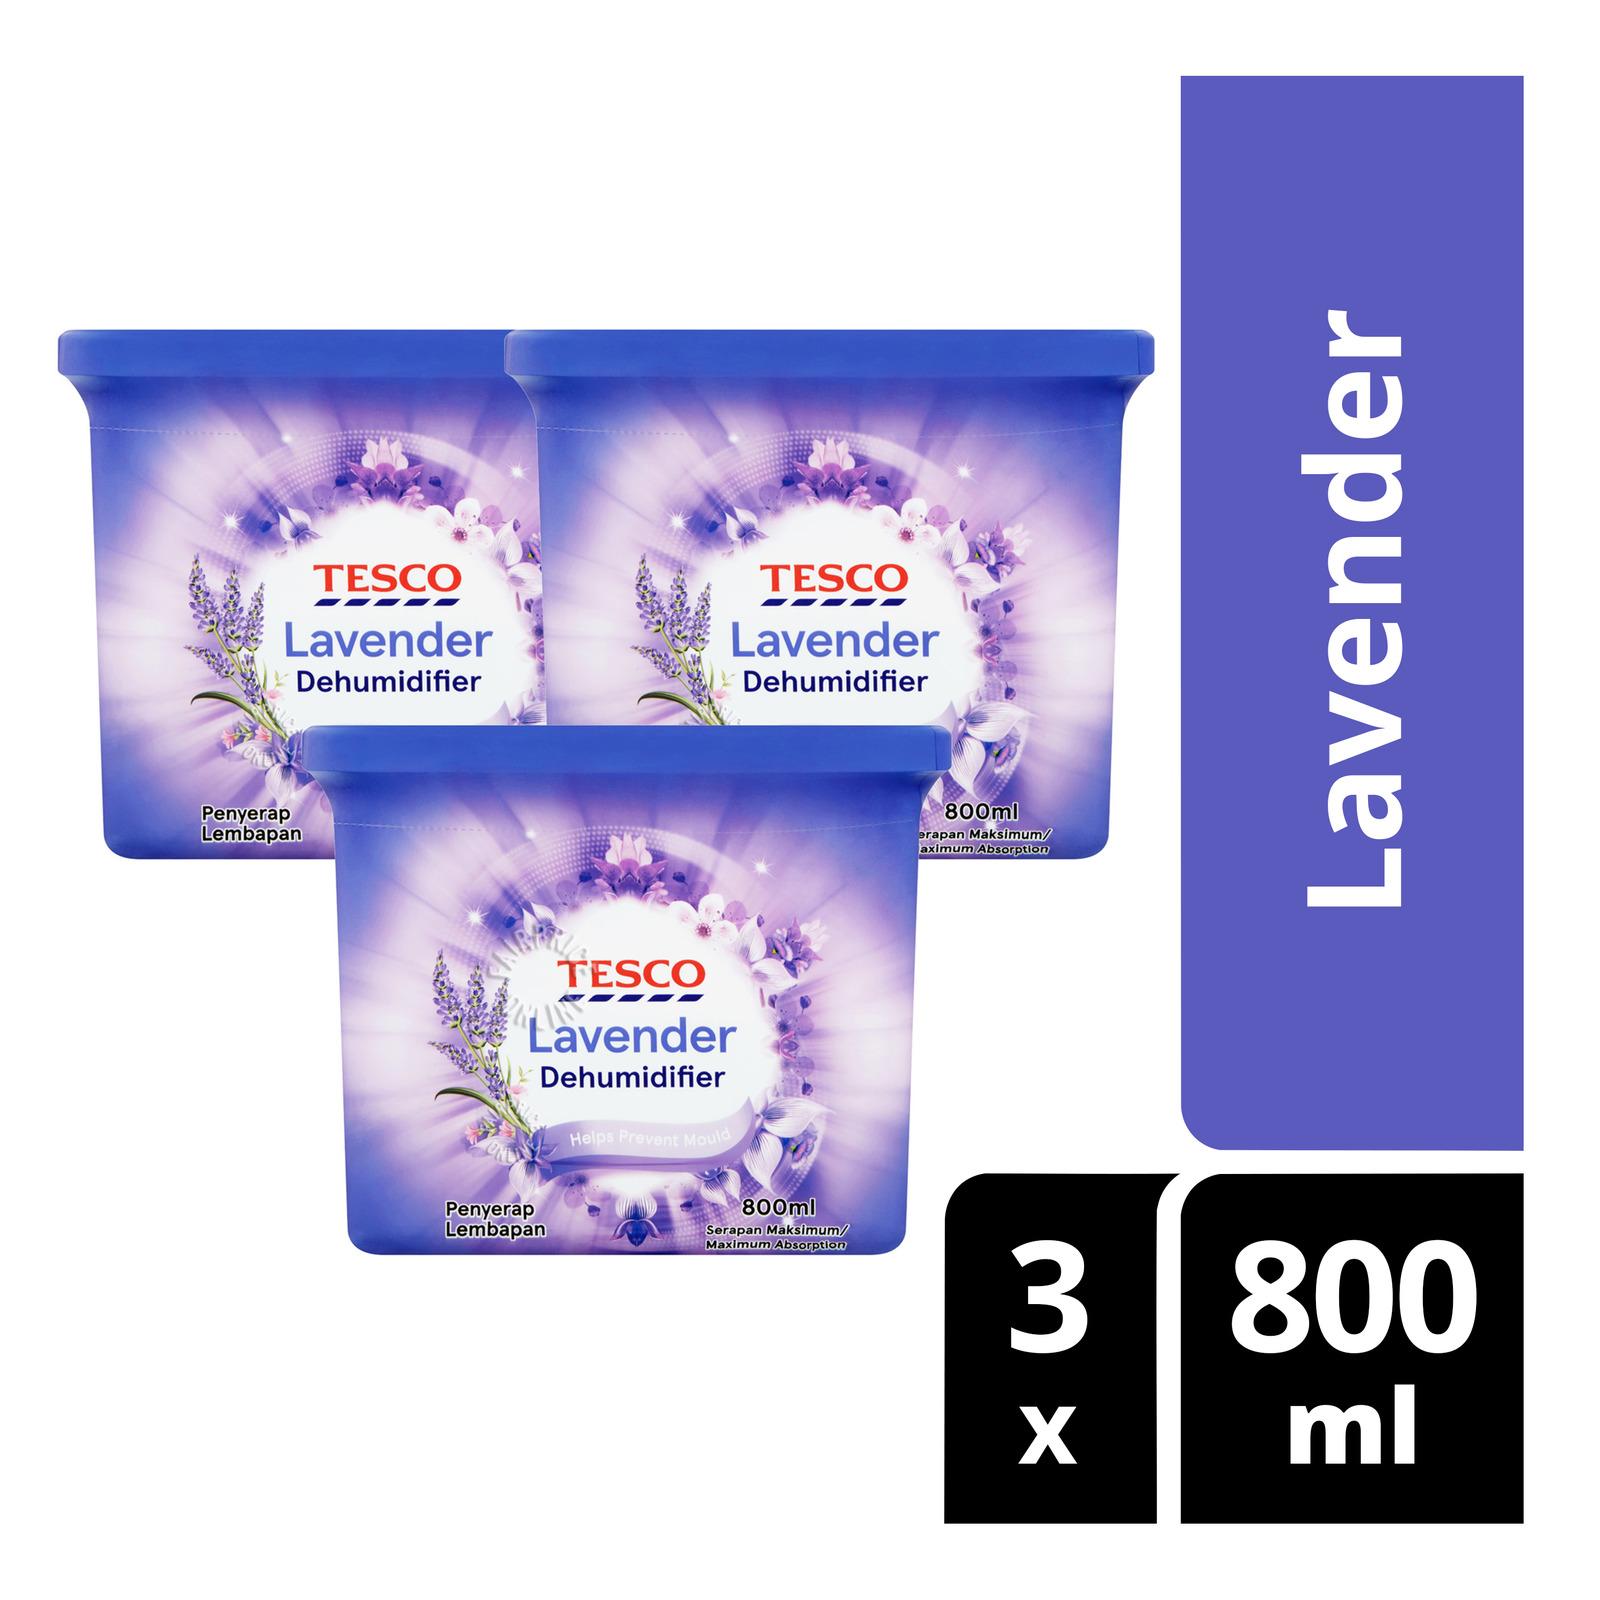 Tesco Dehumidifier - Lavender